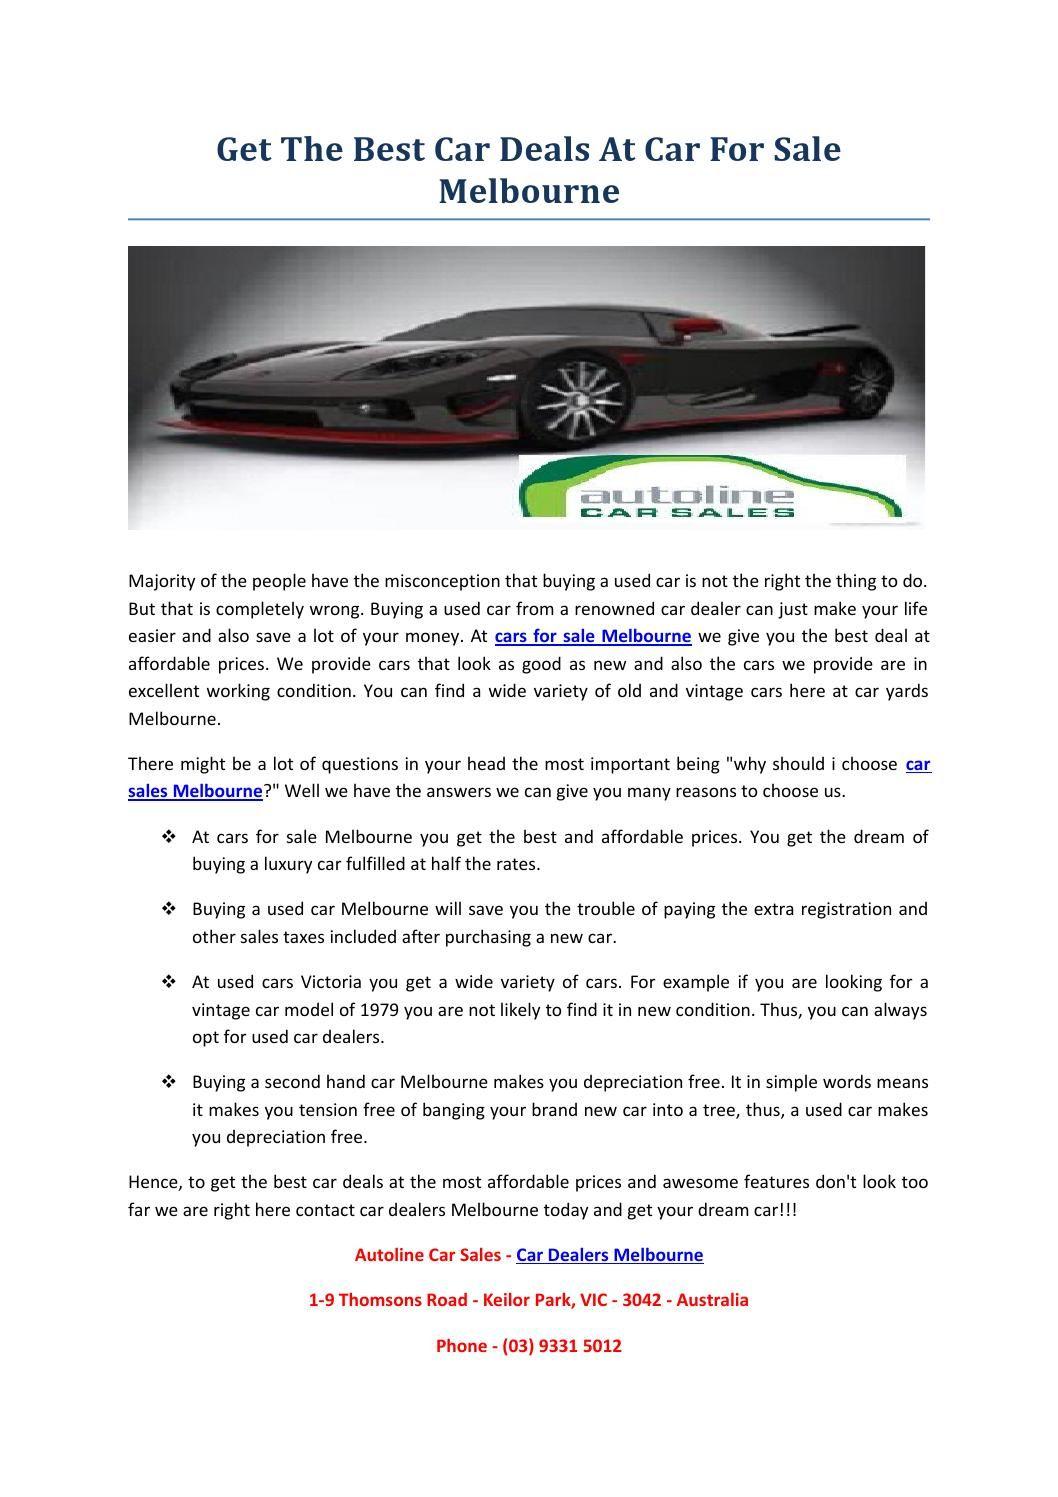 Car dealers melbourne autoline car sales Cars for sale